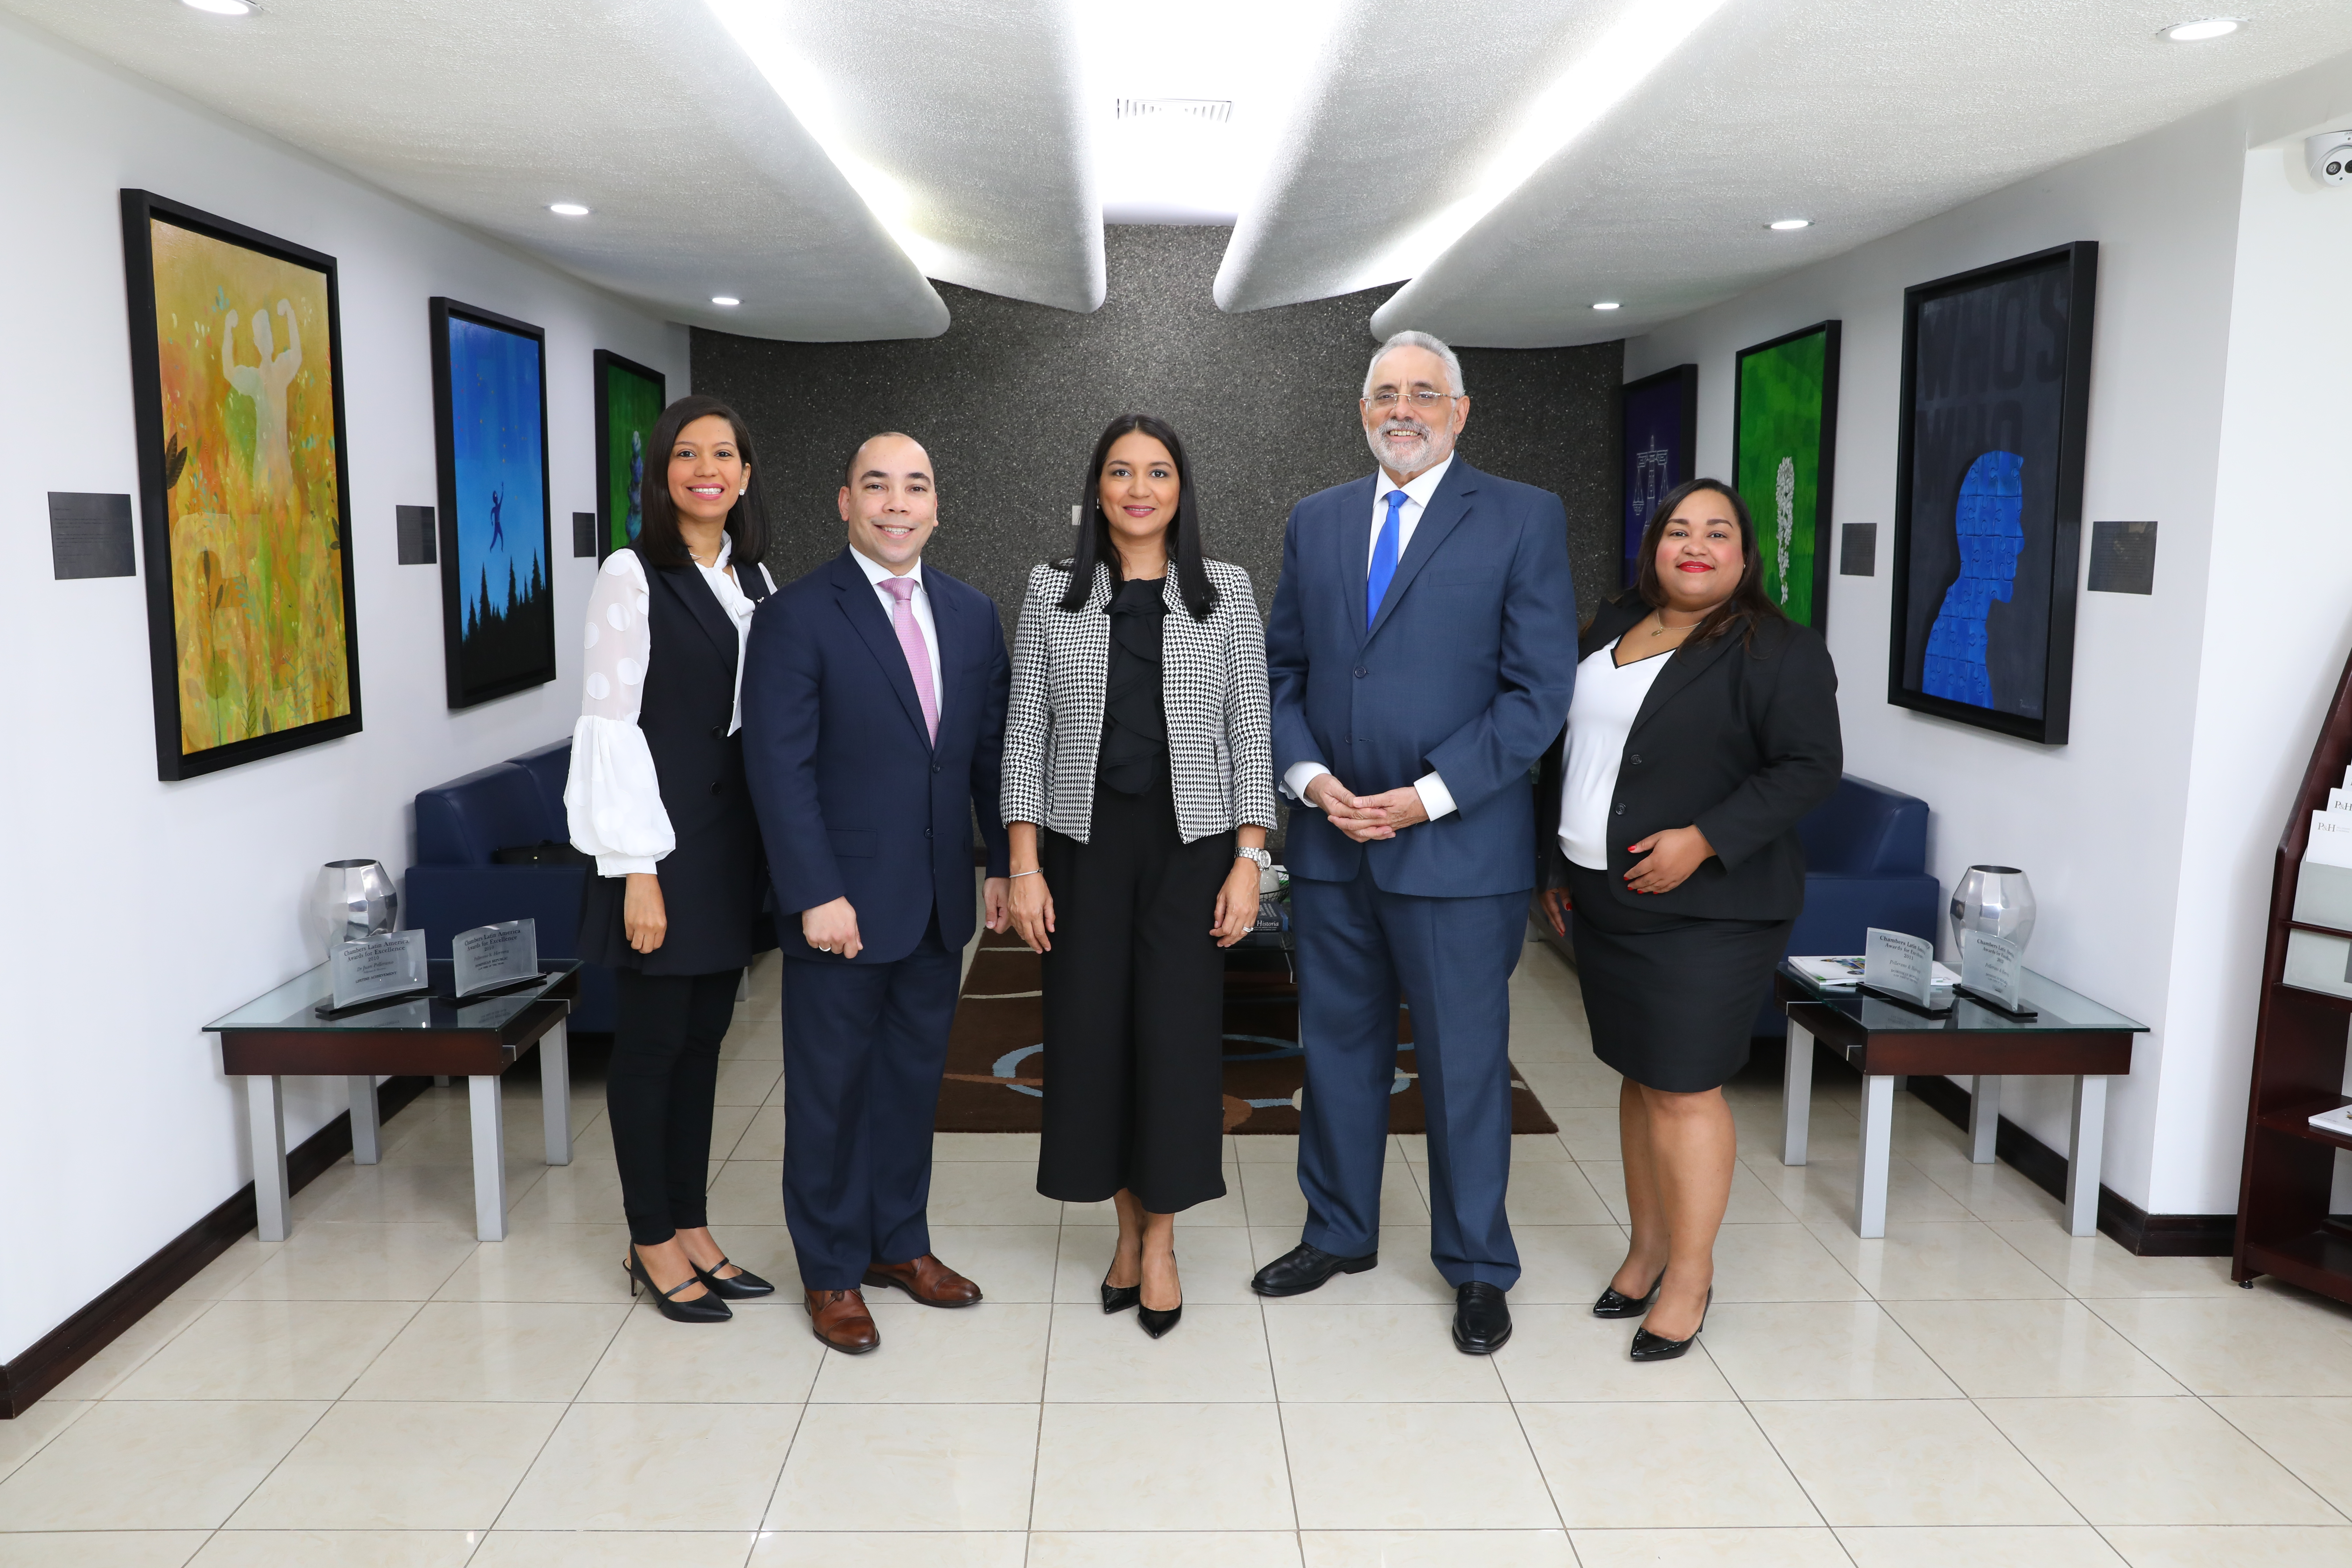 Directorio inglés Benchmark Litigation reconoce cinco abogados de Pellerano & Herrera